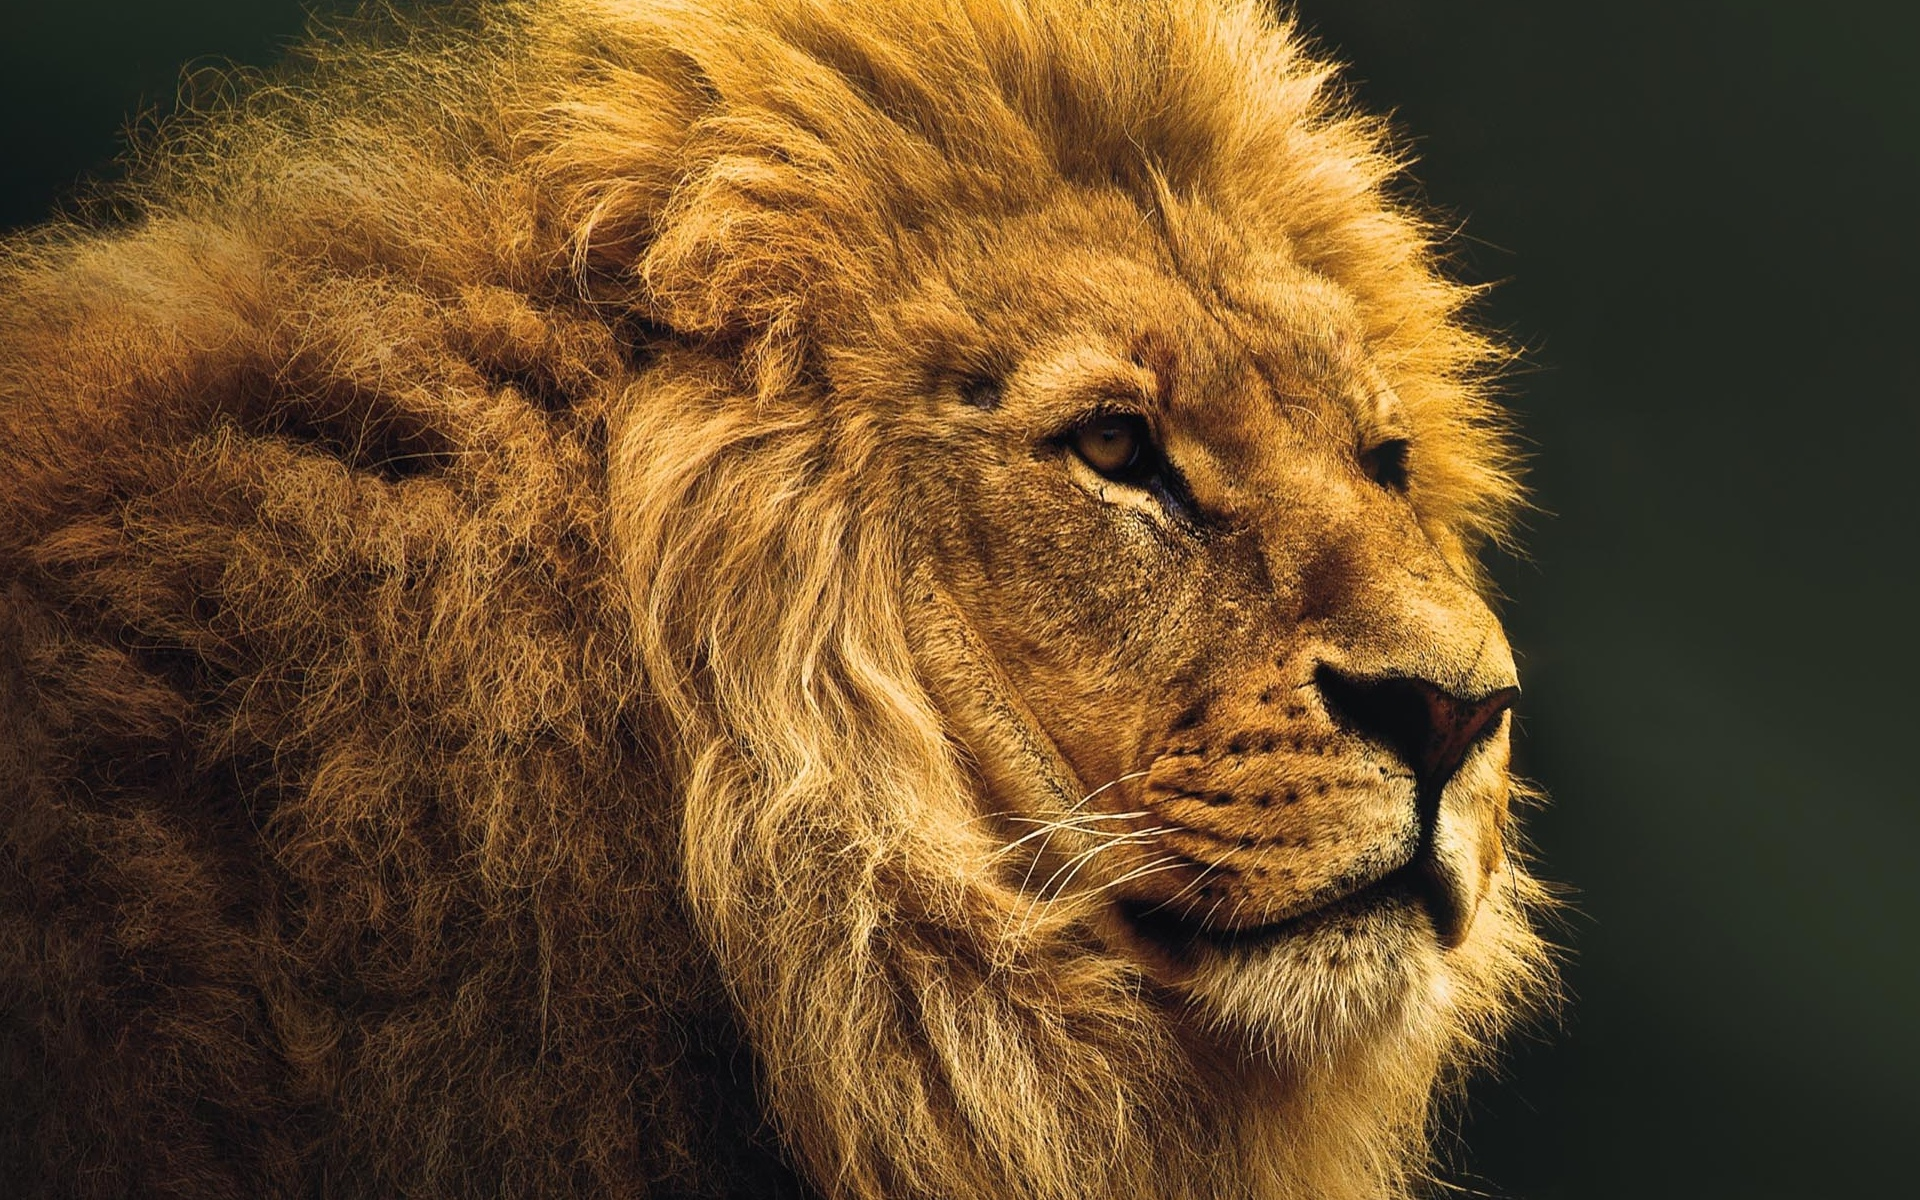 Magnifique lion fond cran hd 10 000 fonds d 39 cran hd for Photo de fond ecran hd